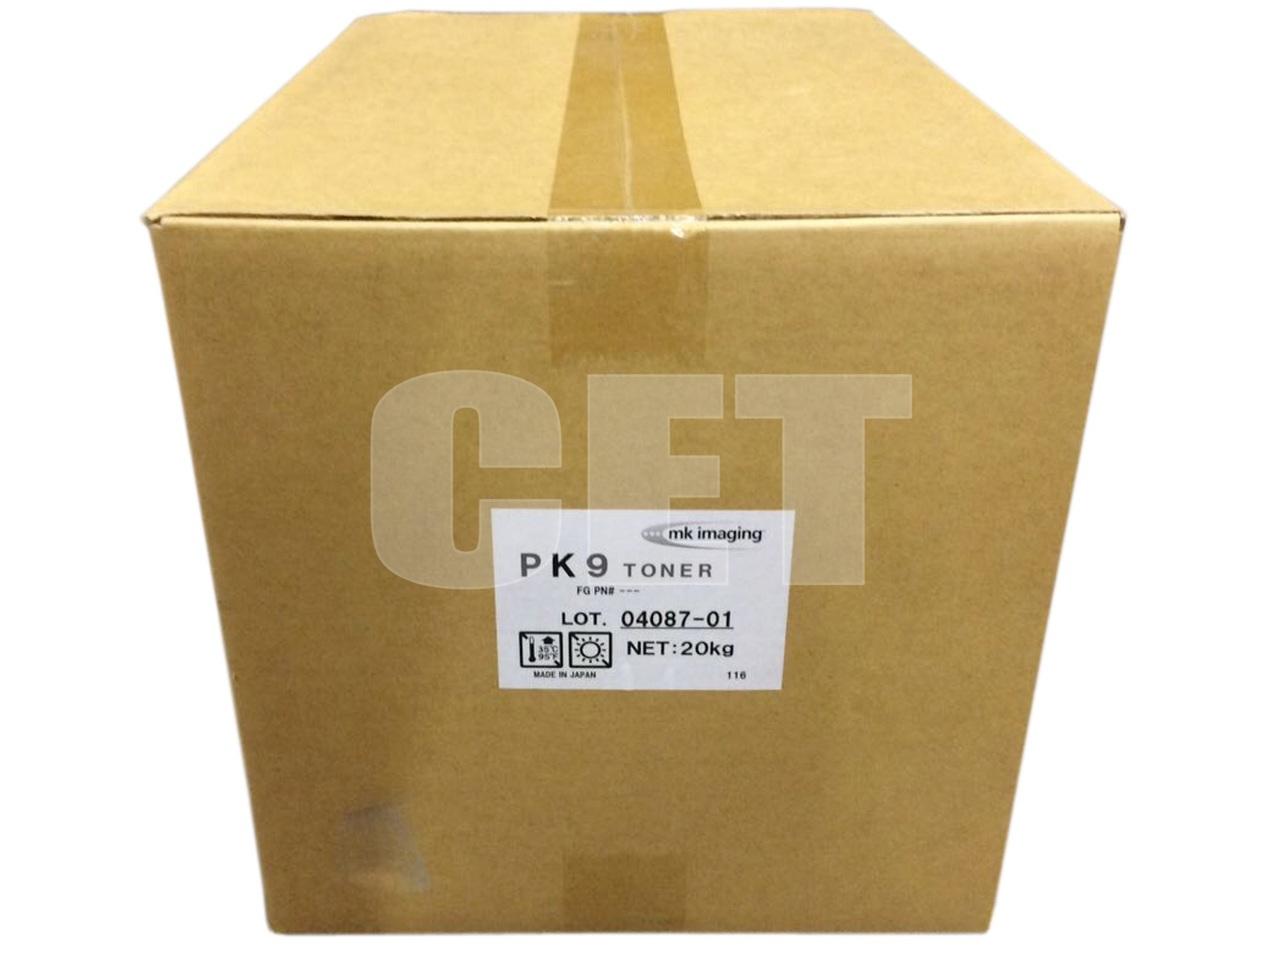 Тонер PK9 для KYOCERA ECOSYS M3040DN,FS-4100DN/4200DN/4300DN/2100DN (Japan), Упаковка8х1кг/бут, (унив.), CET8857-8000